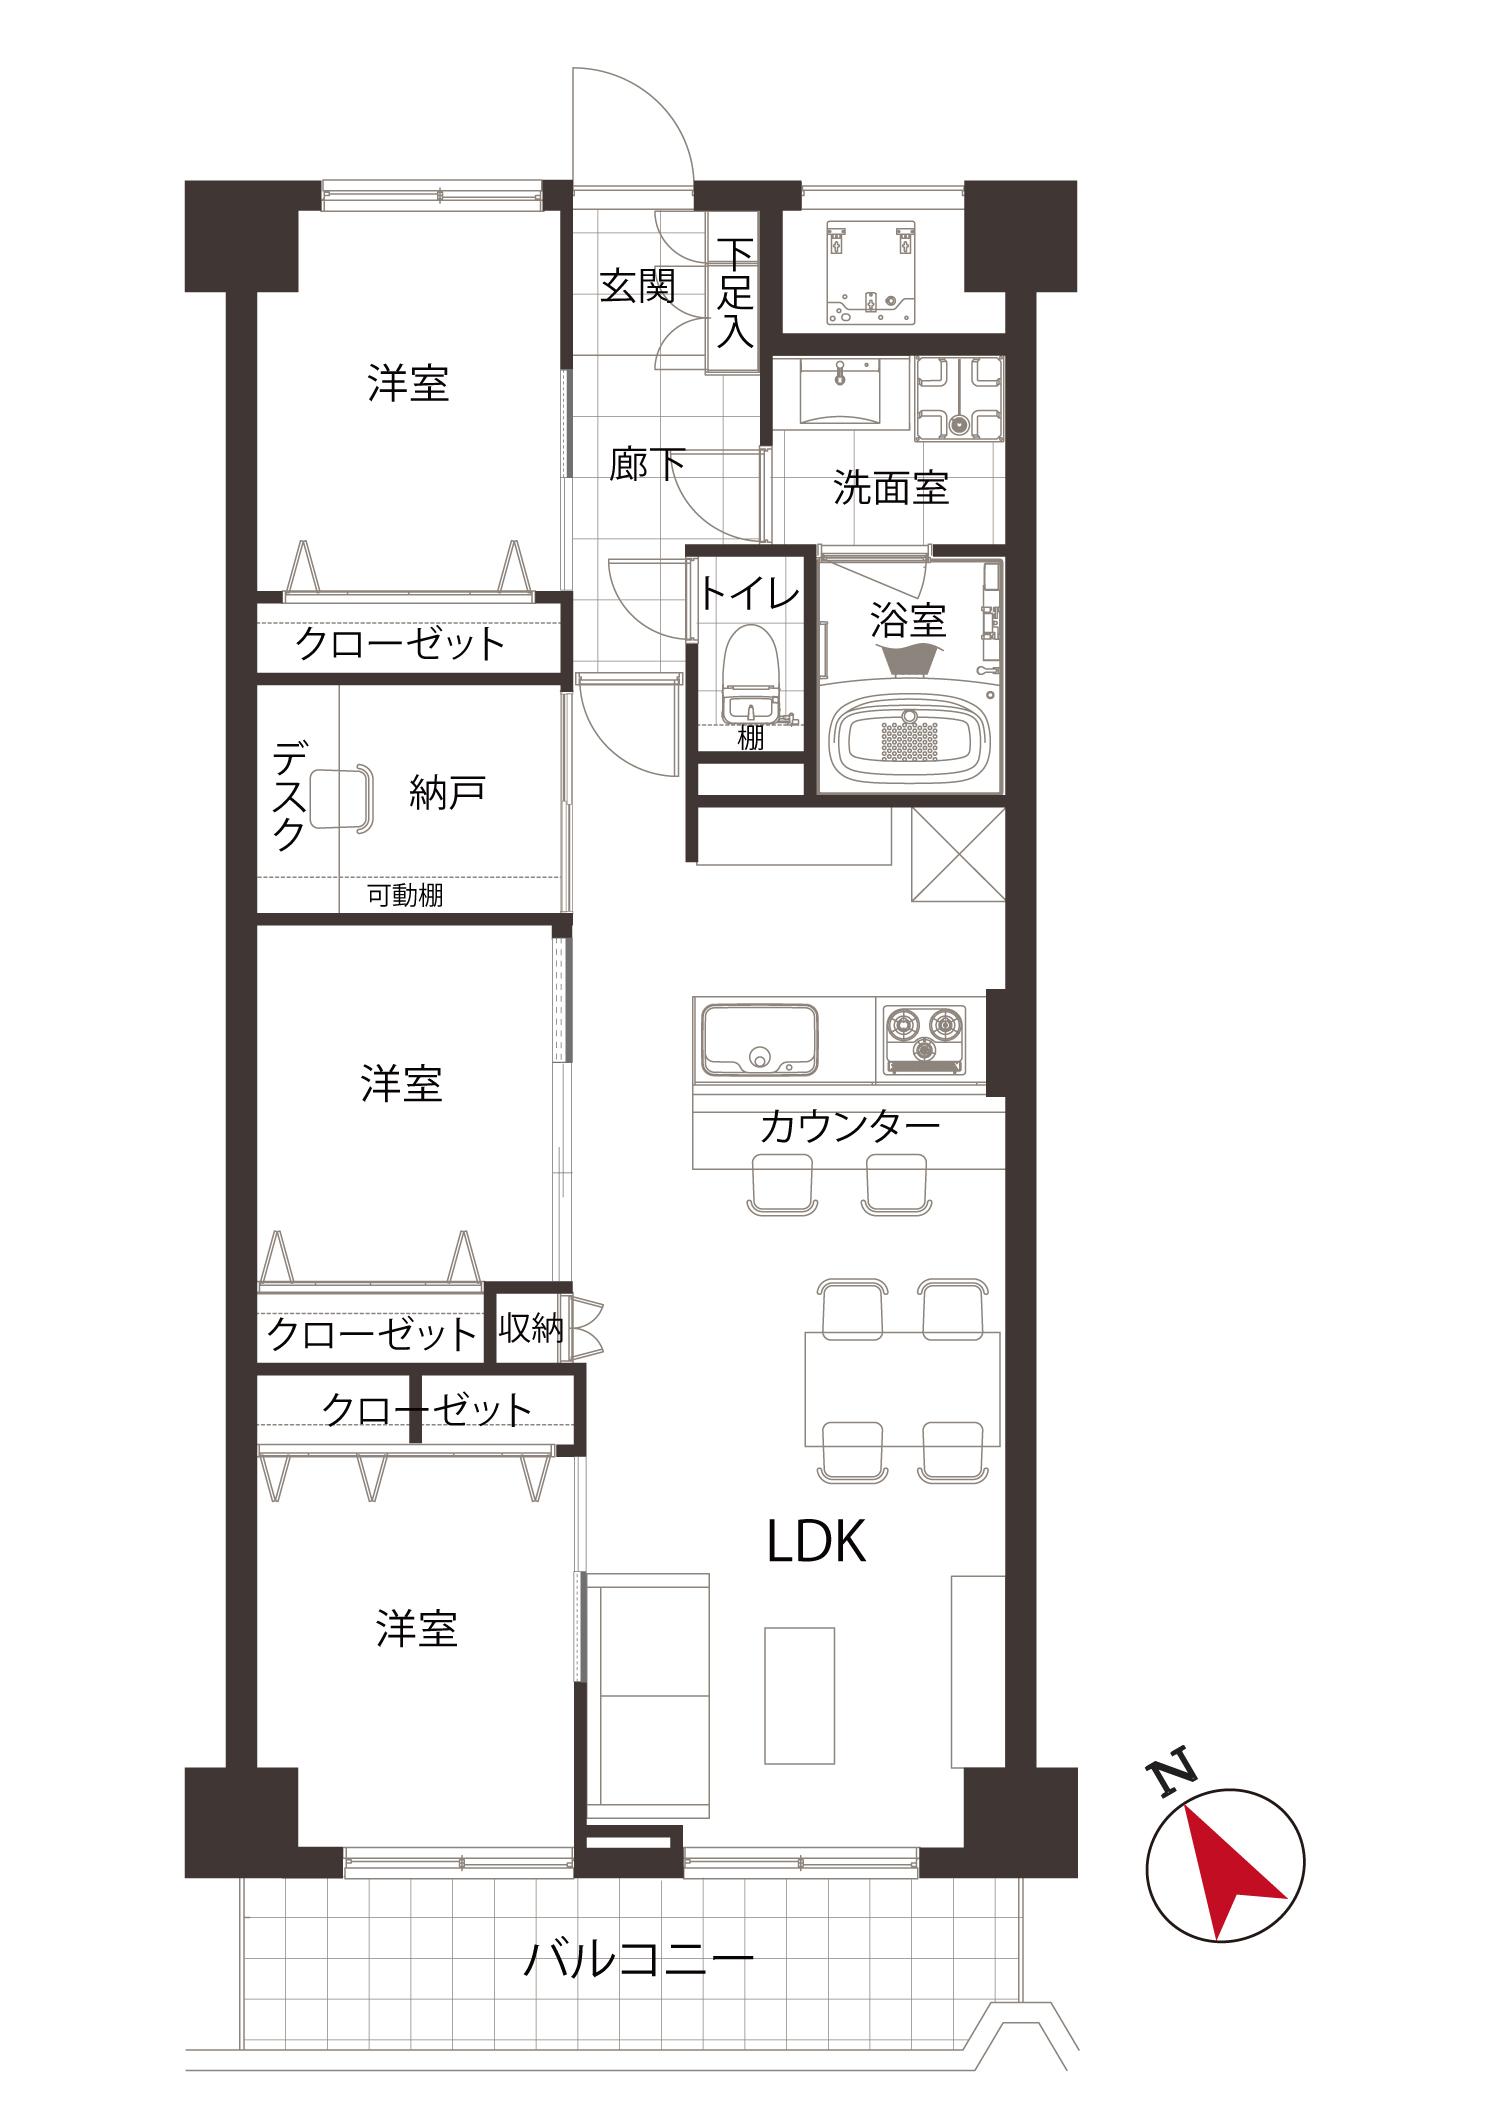 五反田ロイヤルハイツ ~ワンランク上の暮らしはいかがですか?~